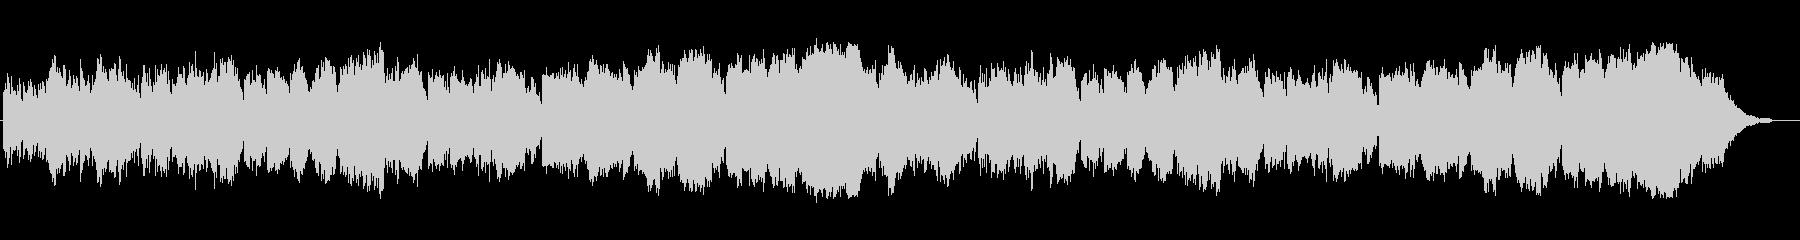 ティータイムに聴く癒やしの音楽の未再生の波形